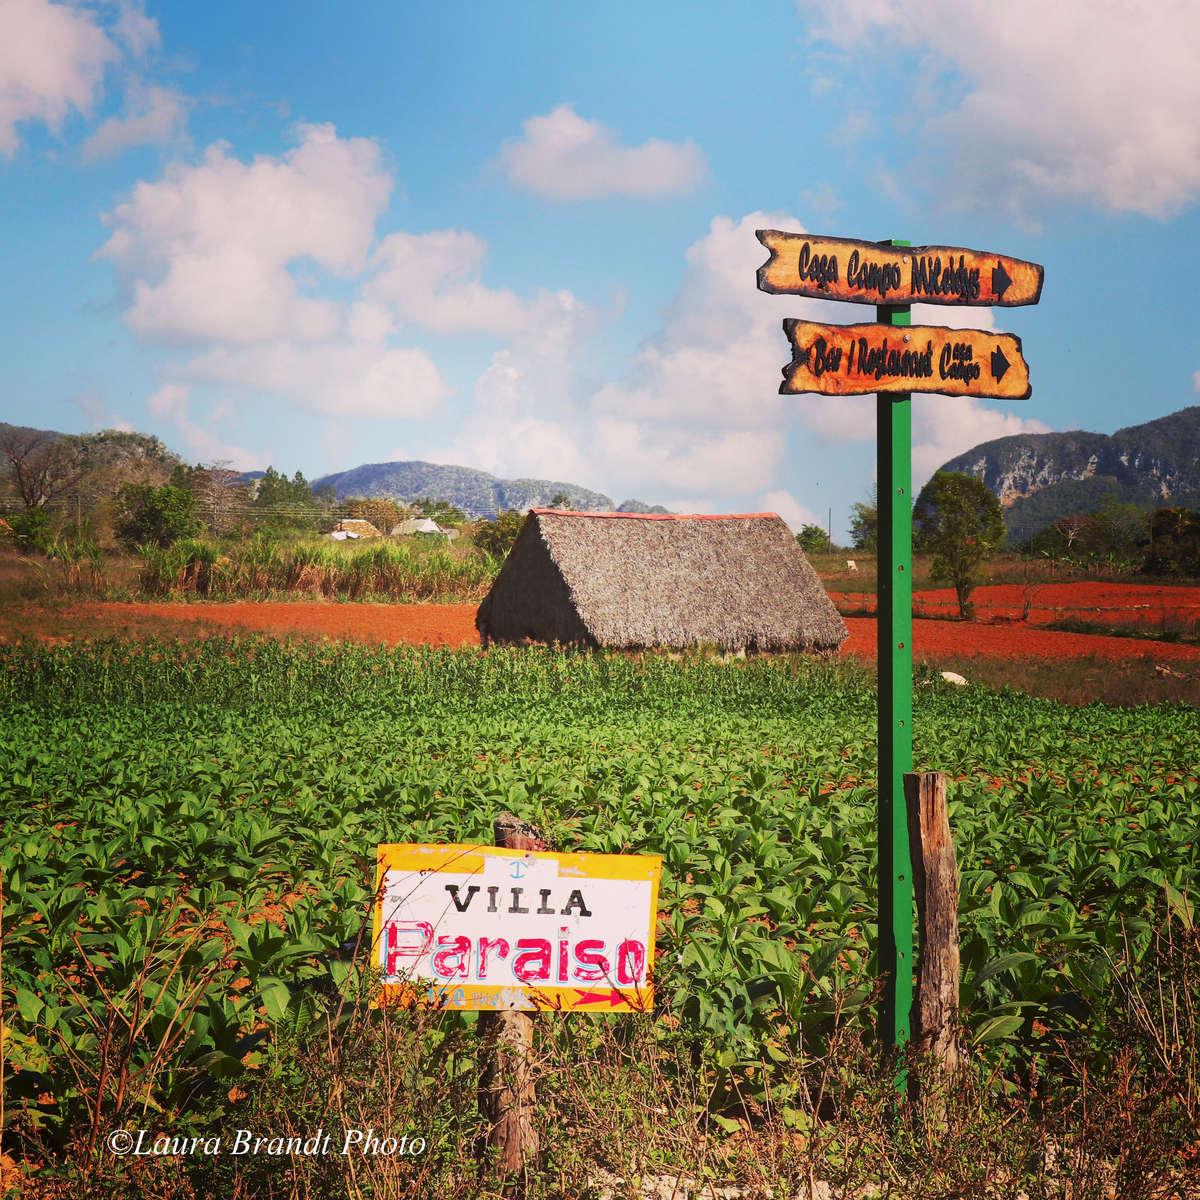 VillaParaiso_Vinales_Cuba_LauraBrandtPhoto